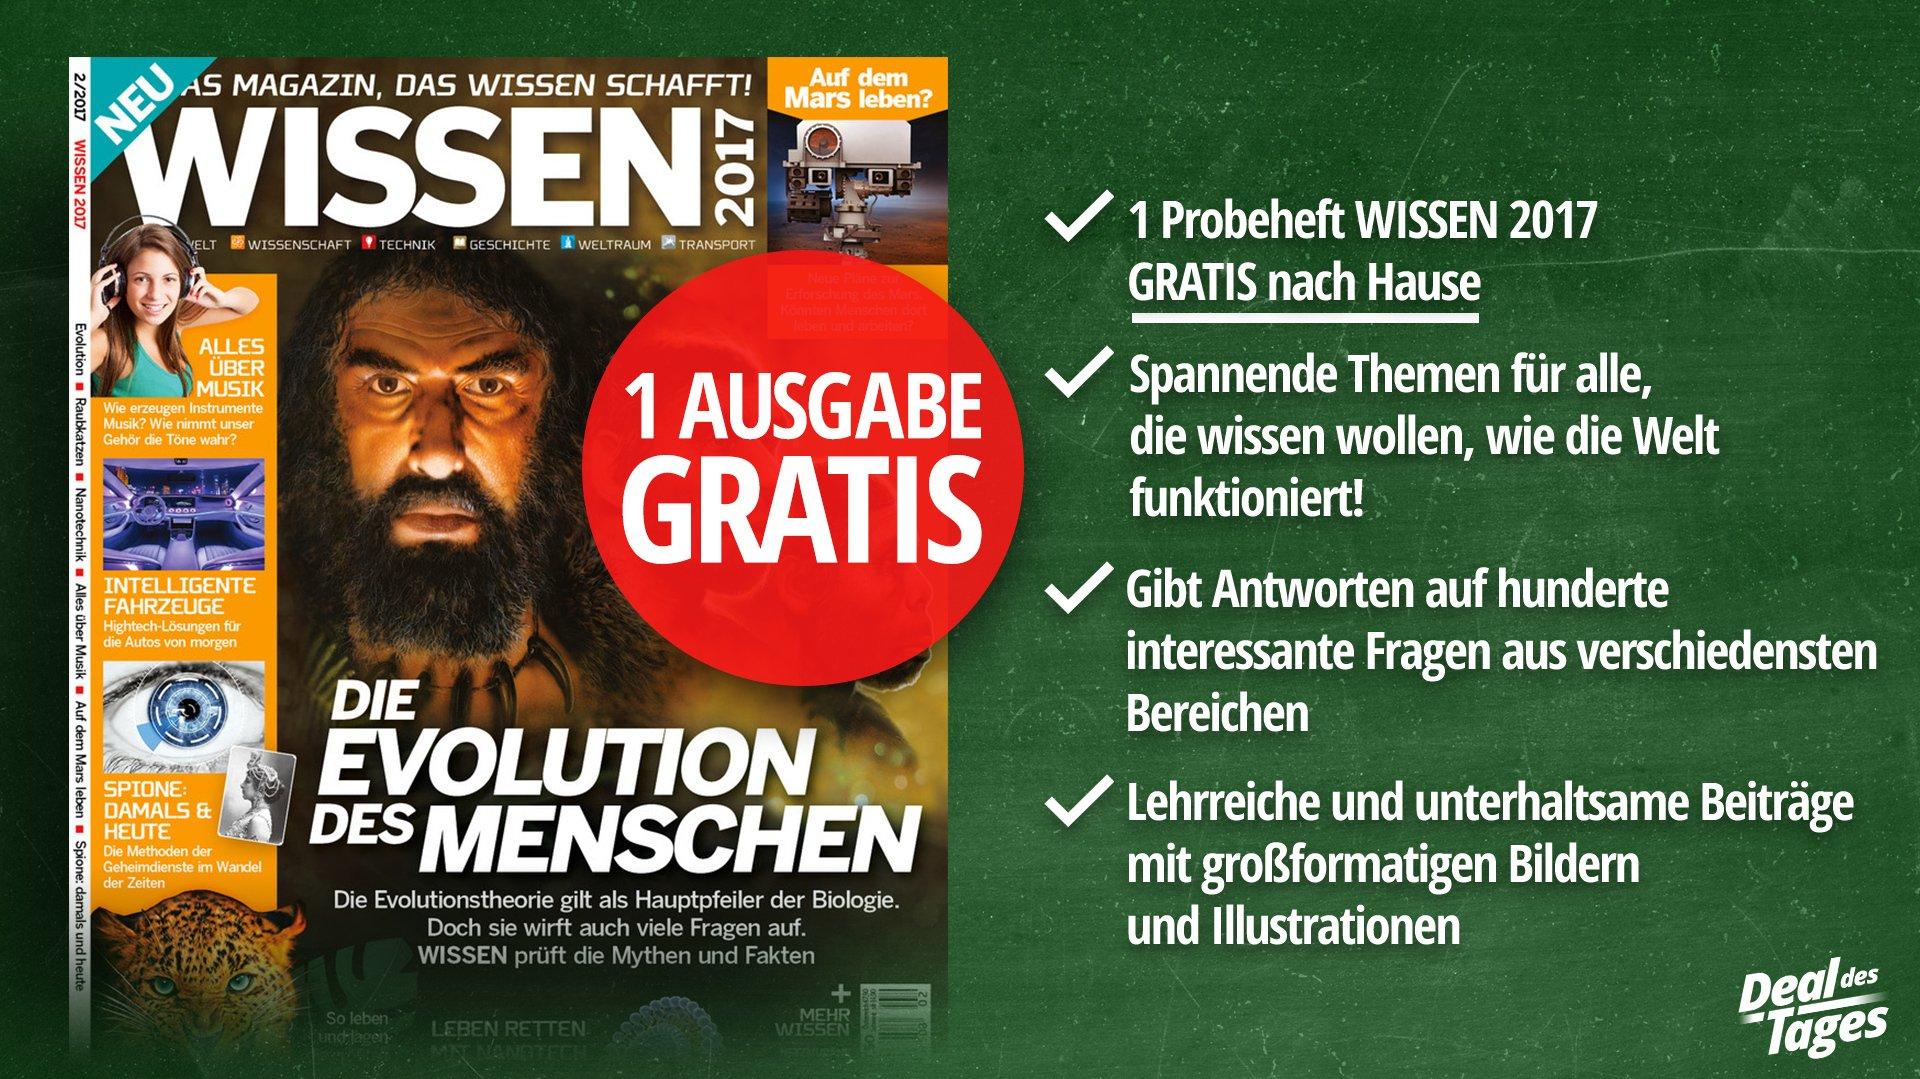 """(heise.de) 1 Ausgabe des Wissenschaftsmagazin """"Wissen"""" Gratis. Kündigung notwendig"""